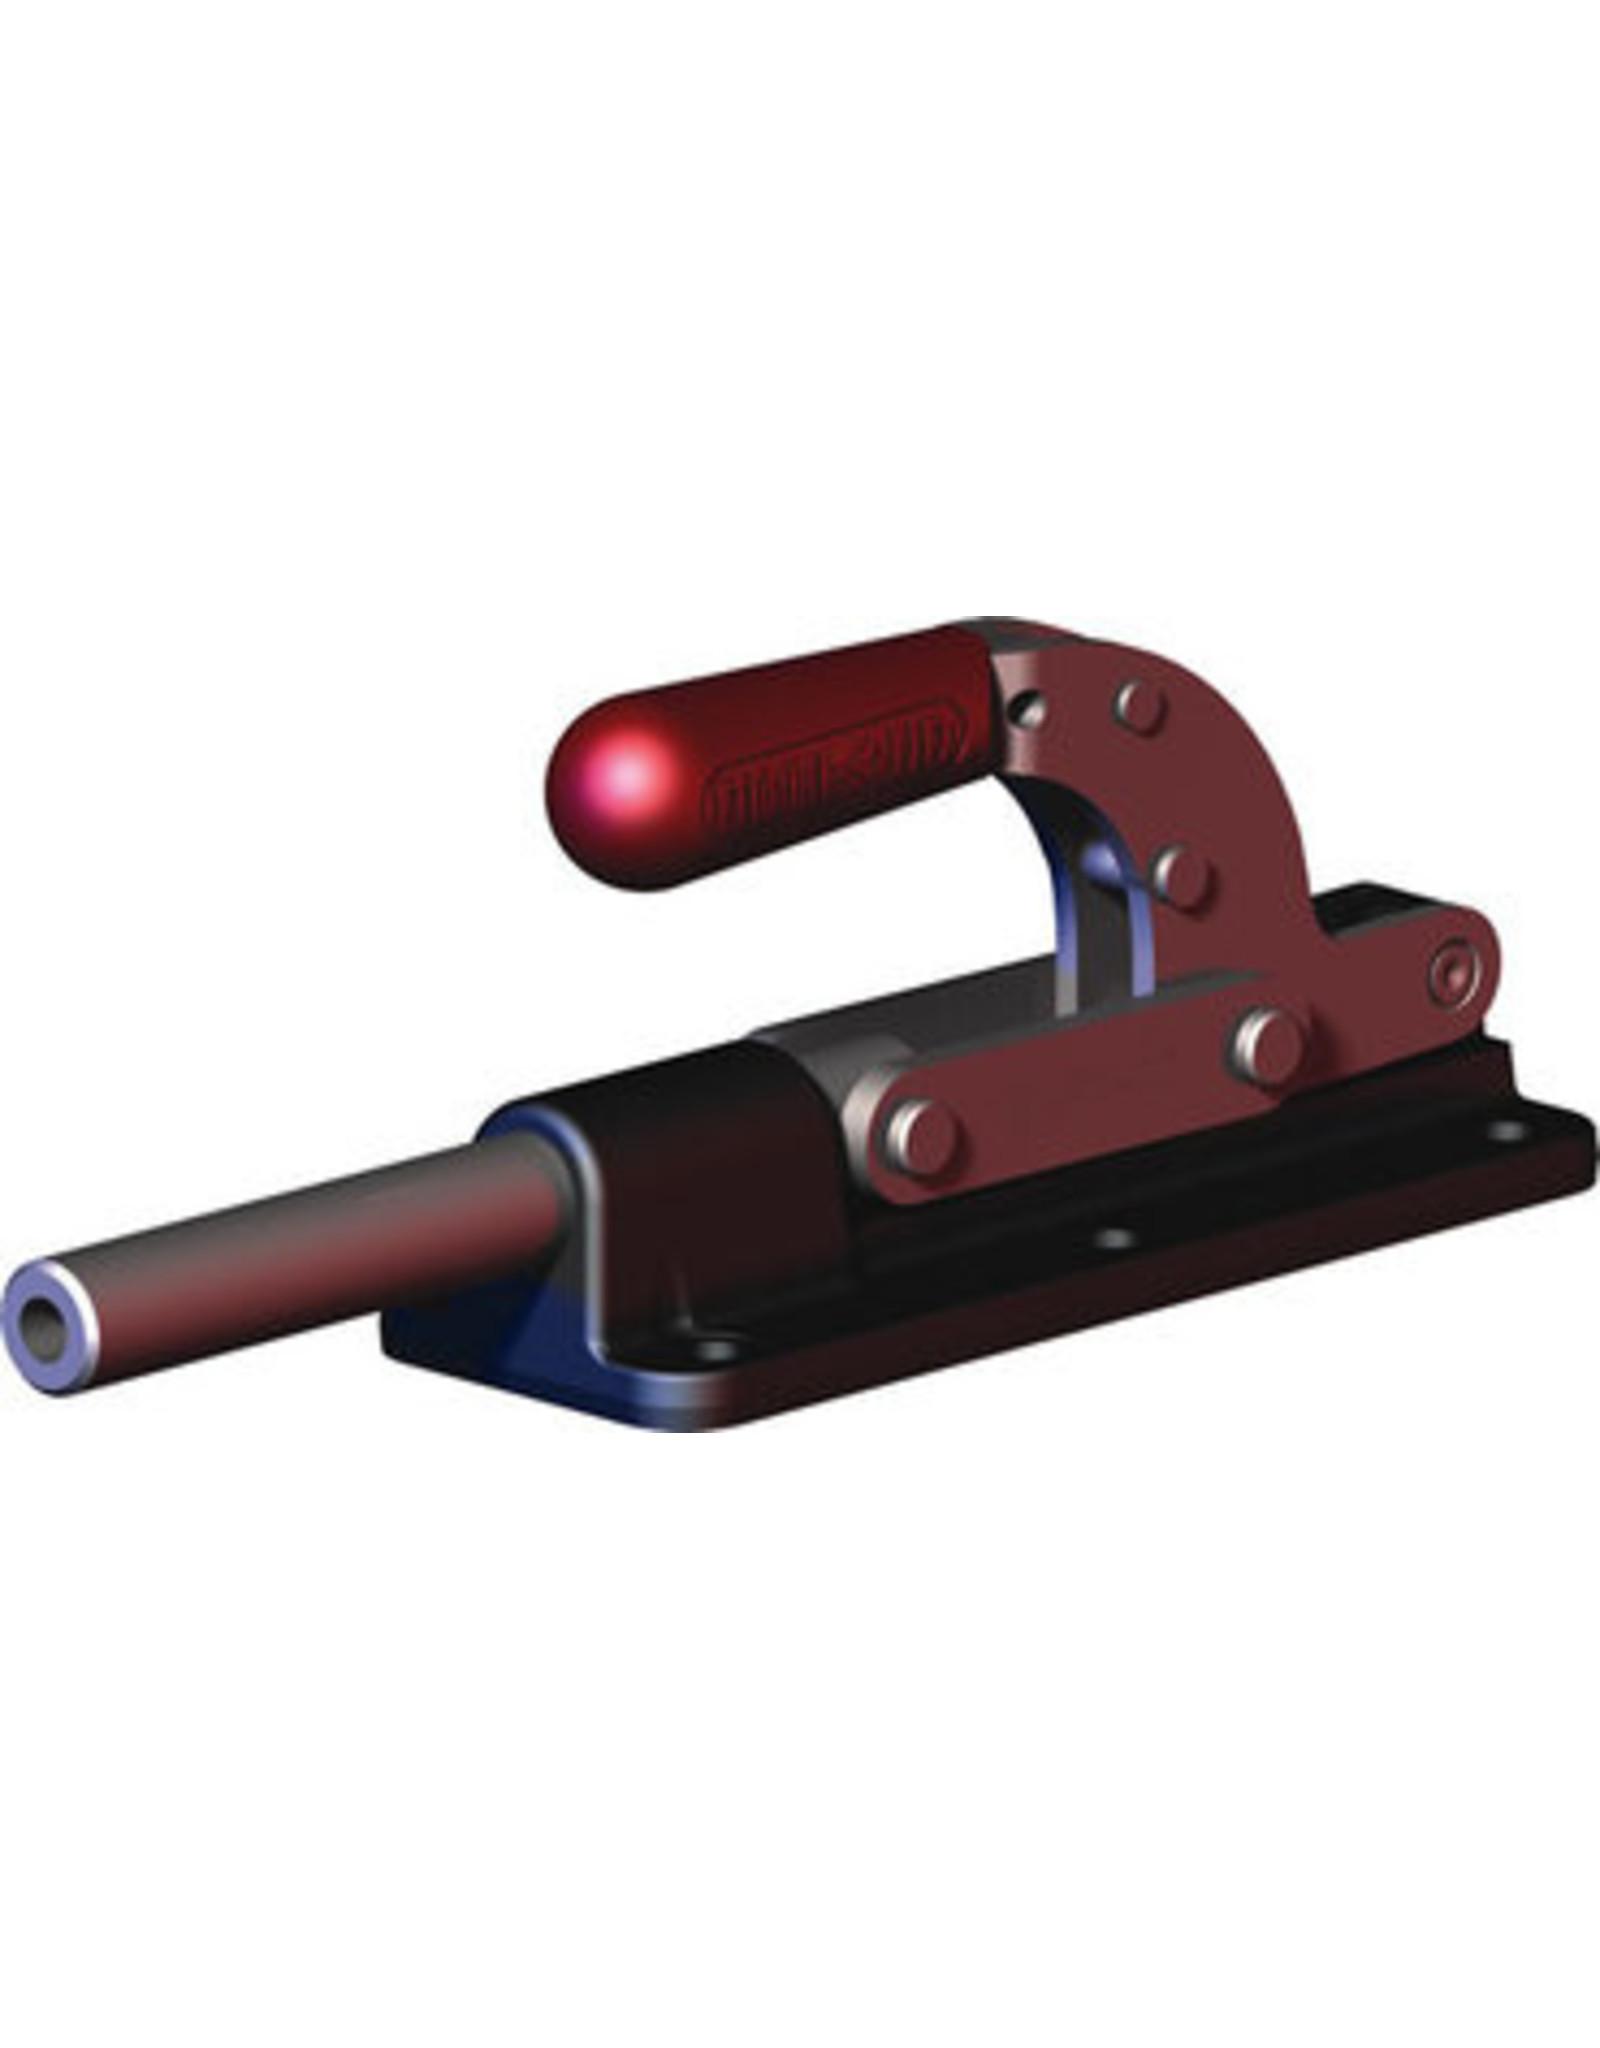 Schuifstangspanner 640-MR